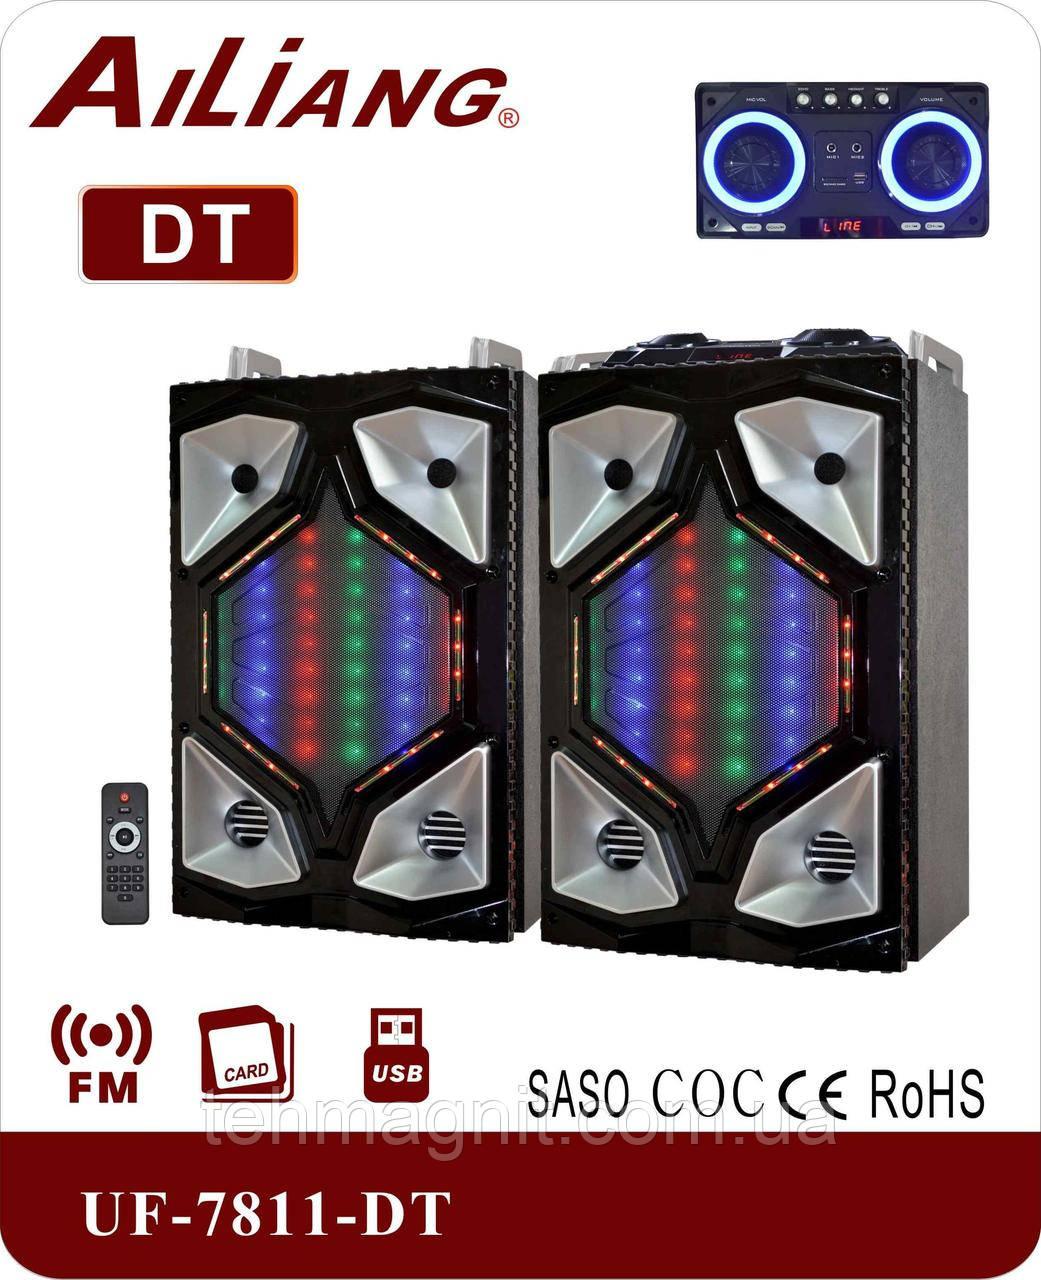 Активна акустична система AILIANG UF-7811-DT /2.1, Bluetooth, Пульт ДУ 200 Вт ( Репліка )